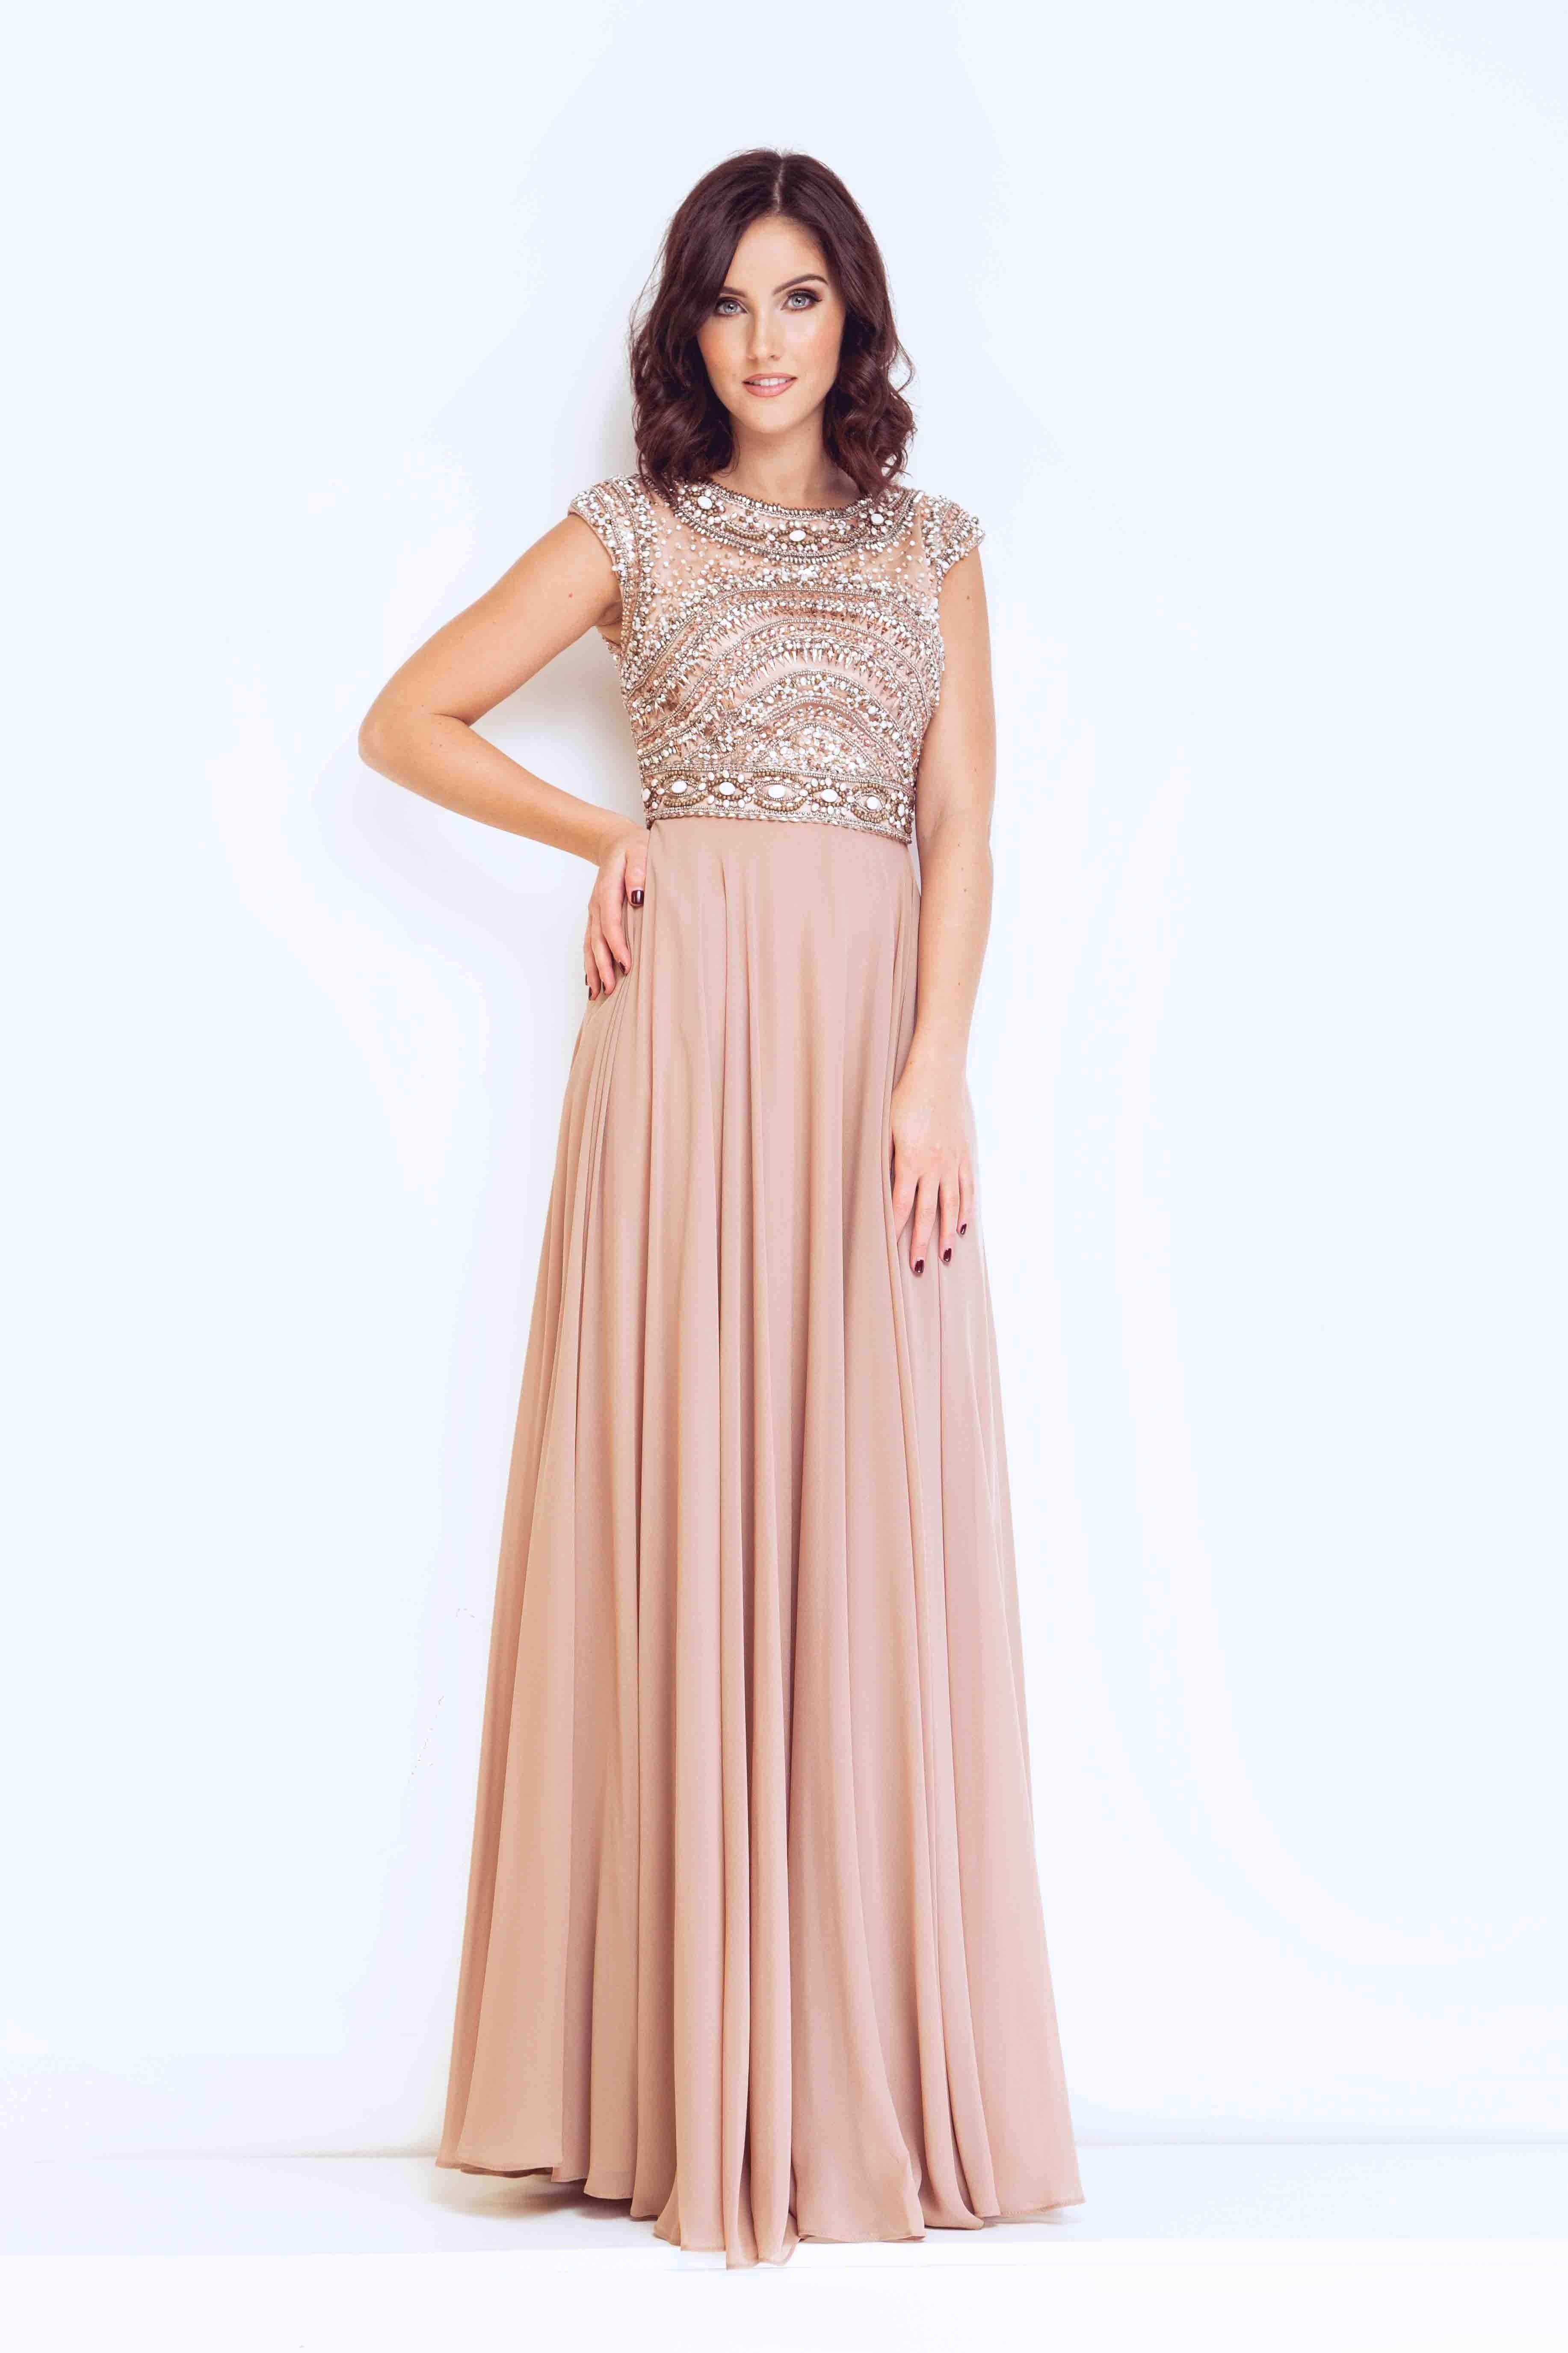 Giselle Beige Long Dress no Shawl Style 1012923 | wedding ...